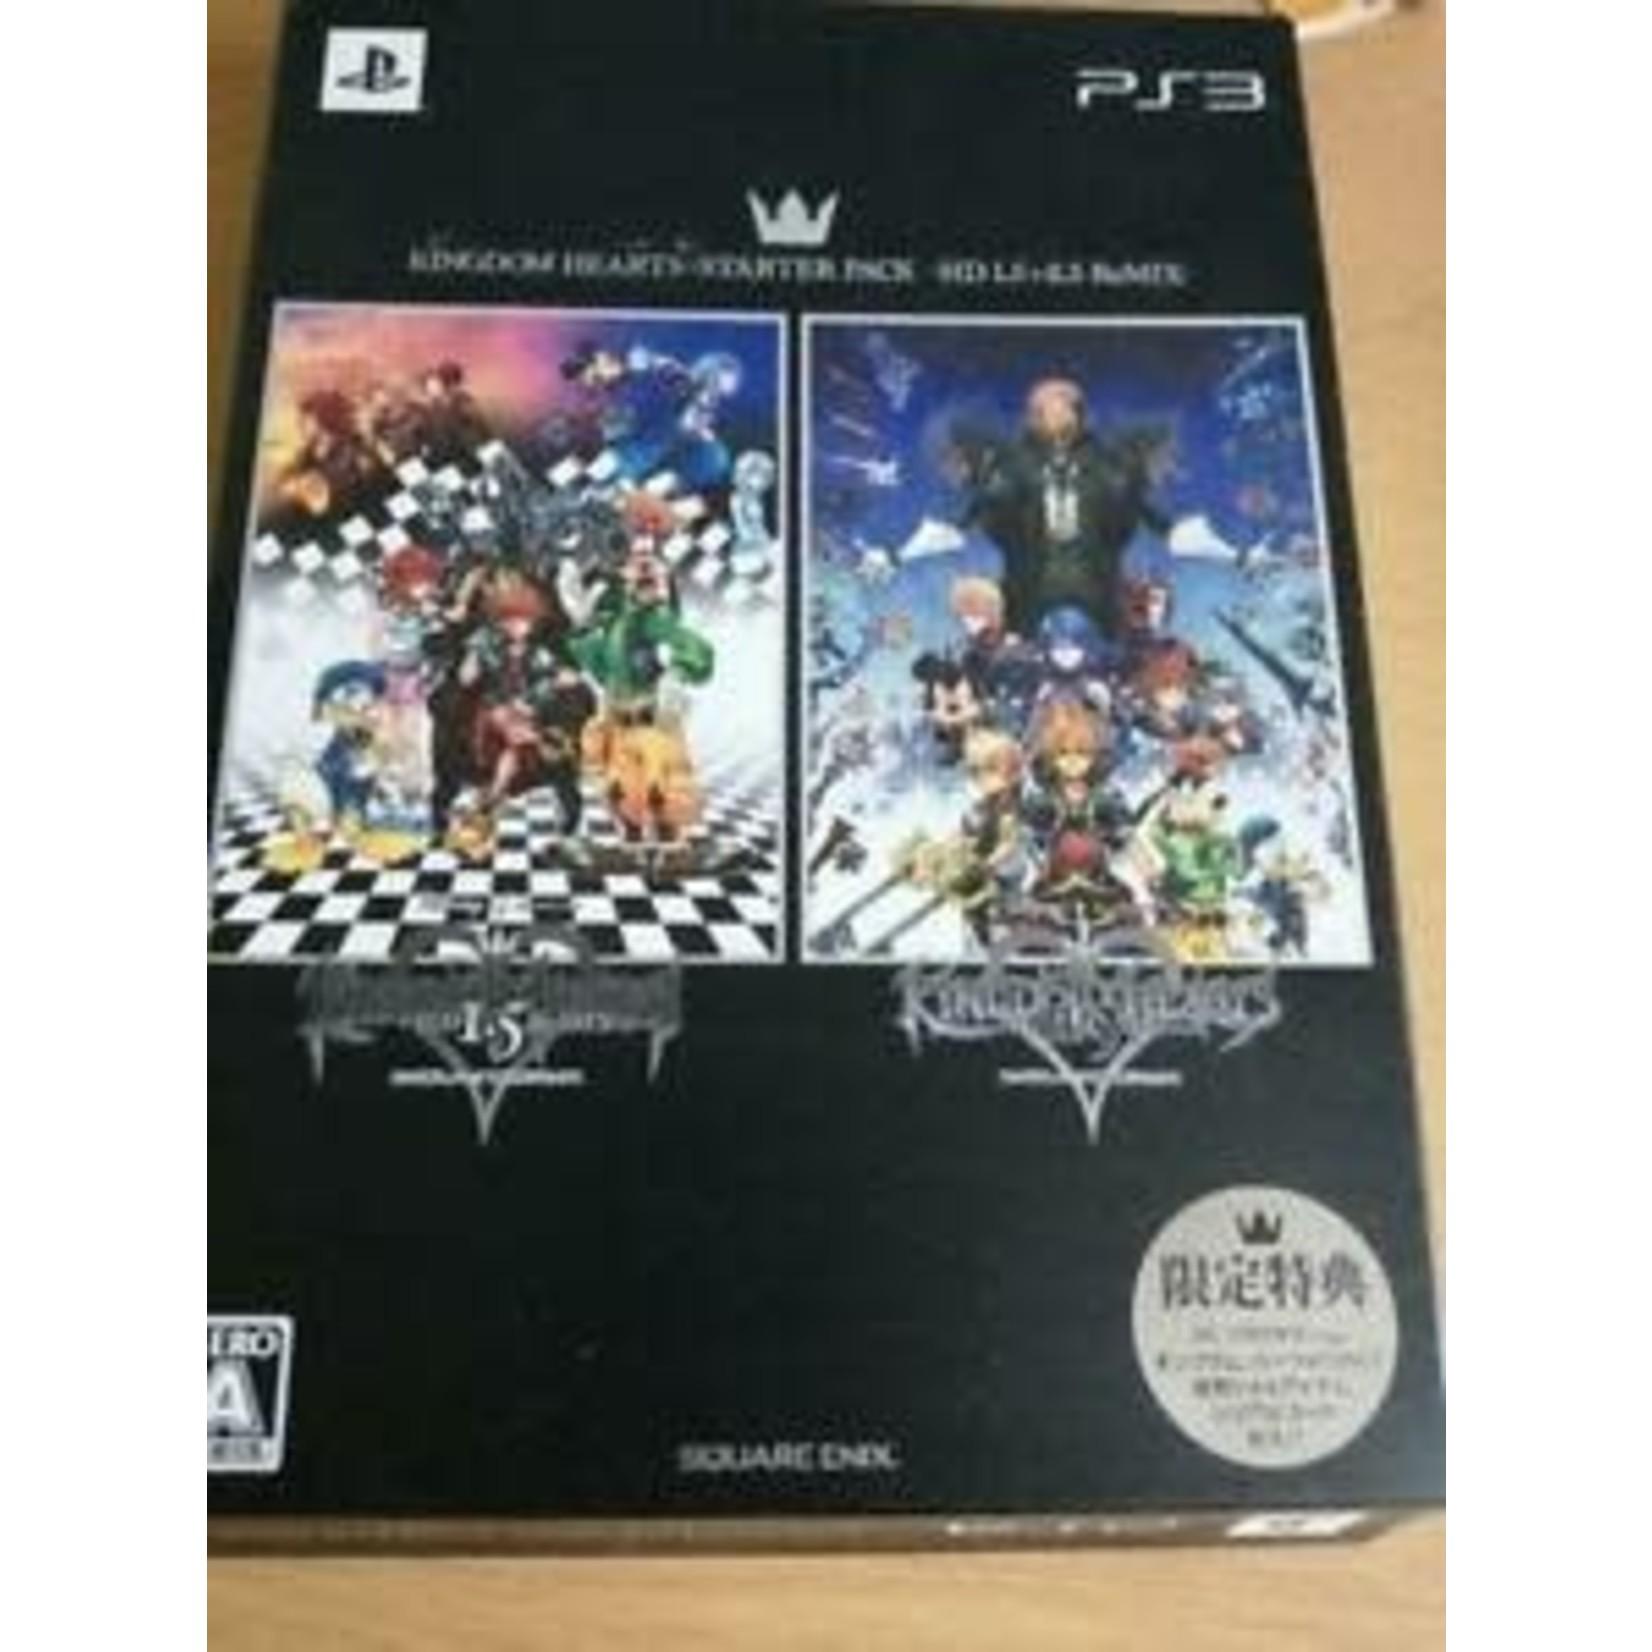 import-PS3u-Kingdom Hearts Starter Pack HD 1.5 + 2.5 Remix Manual